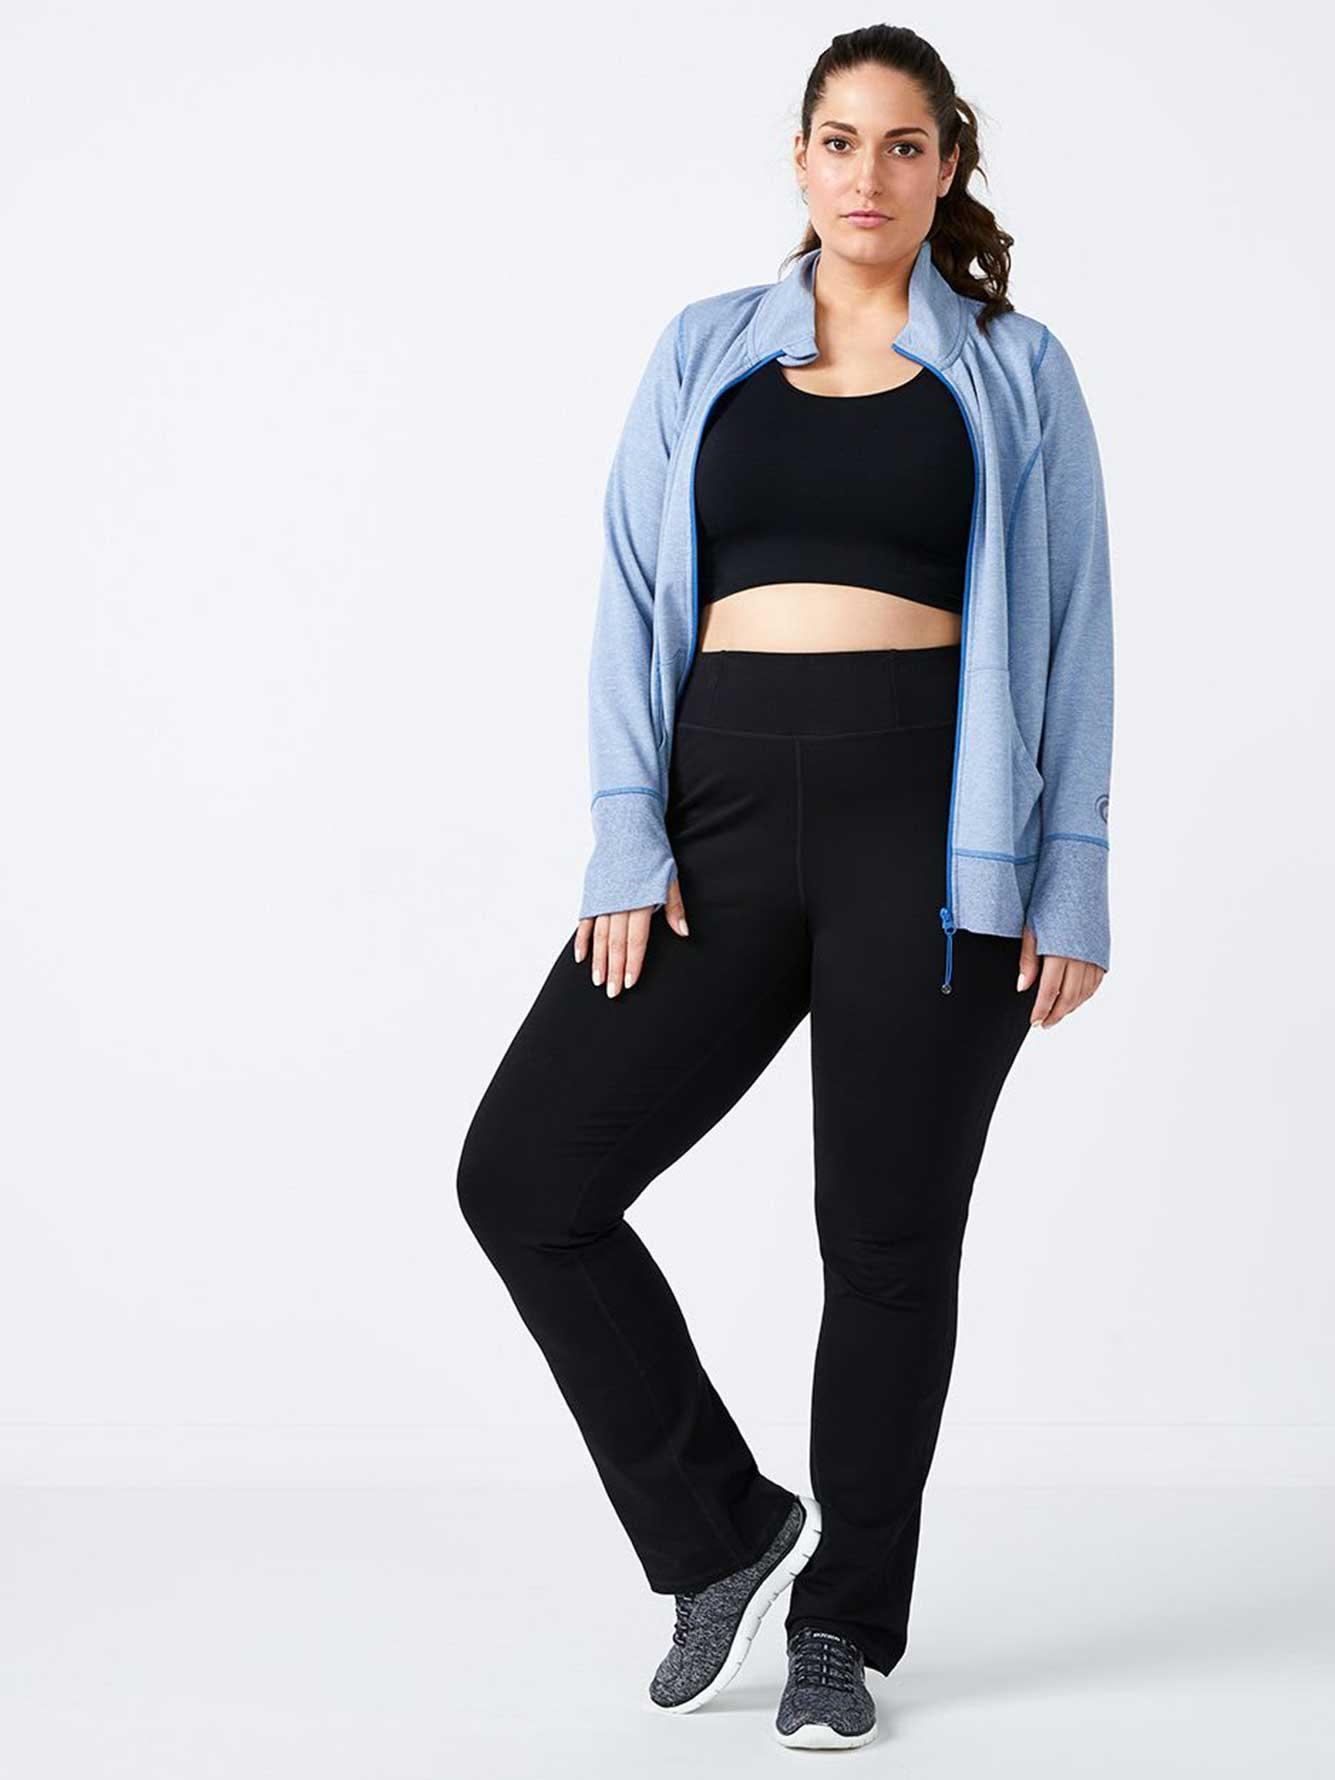 276e712e73d3a Plus-Size Basic Yoga Pant - ActiveZone | Penningtons